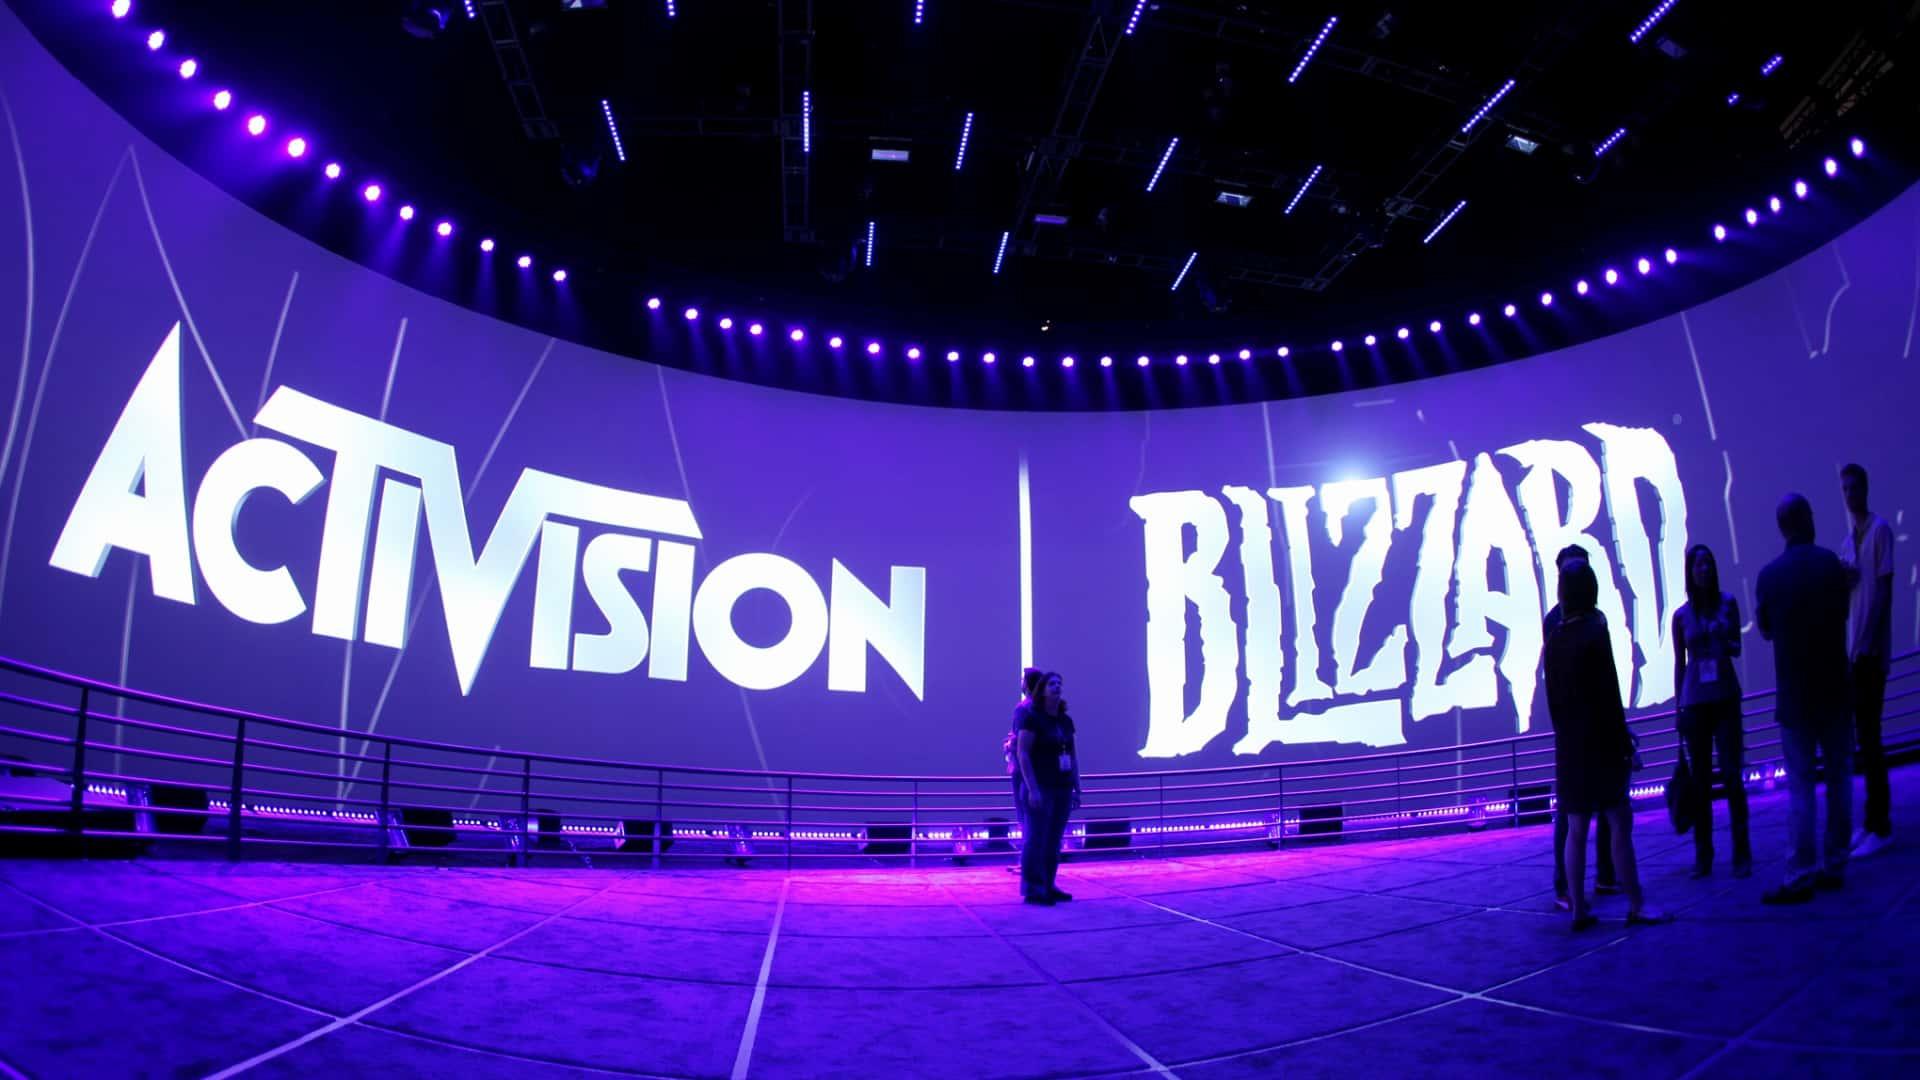 800 ljudi će izgubiti posao unutar Activision Blizzard grupacije – priča o pohlepi